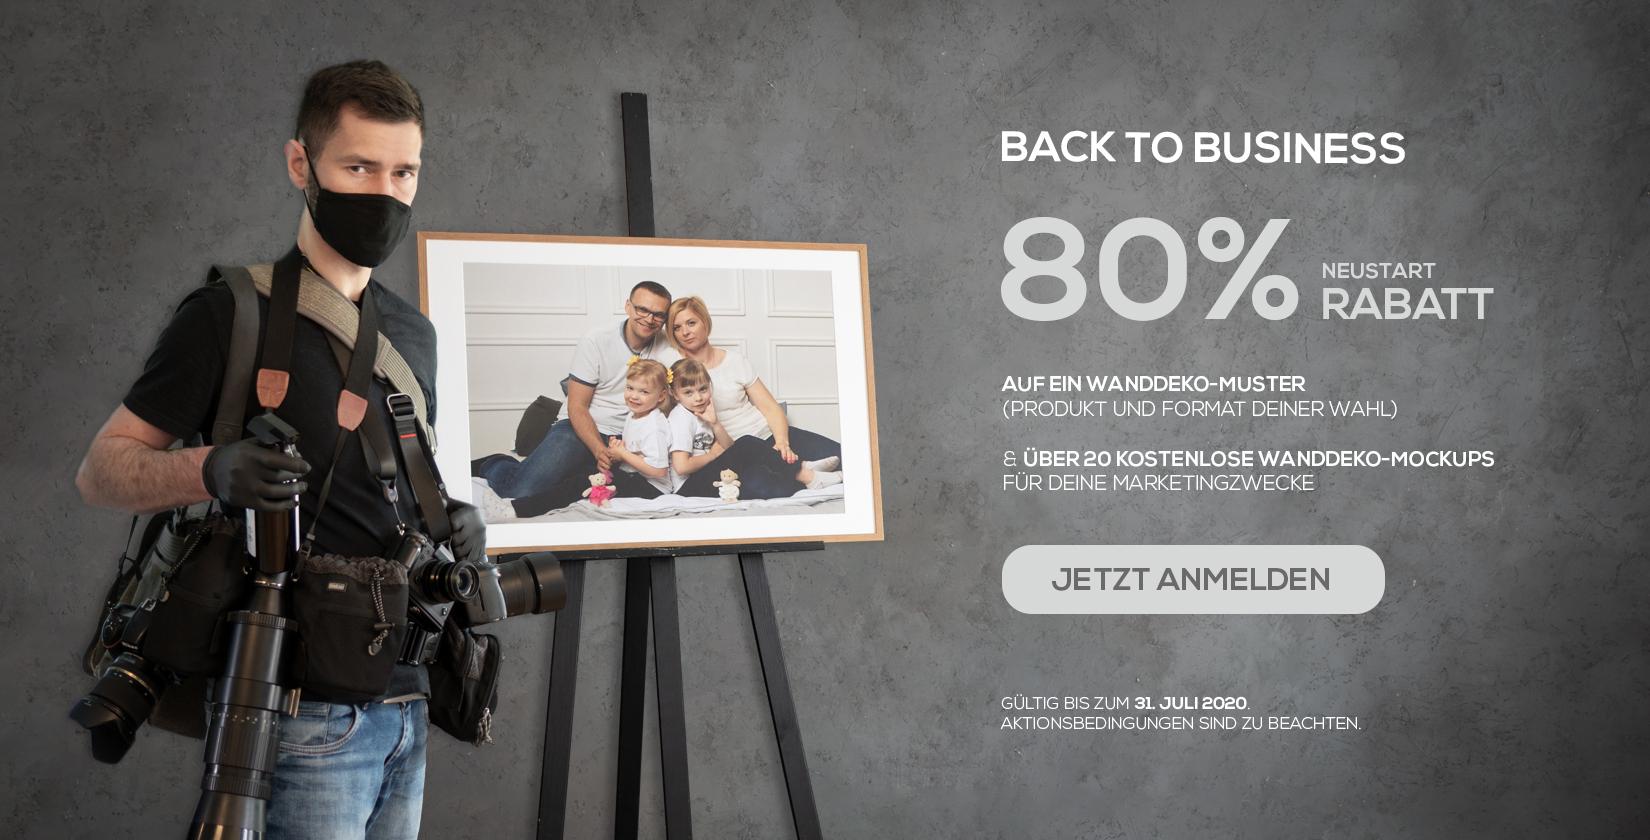 Zurück ins Foto-Business mit 80% RABATT auf Wanddeko-Muster